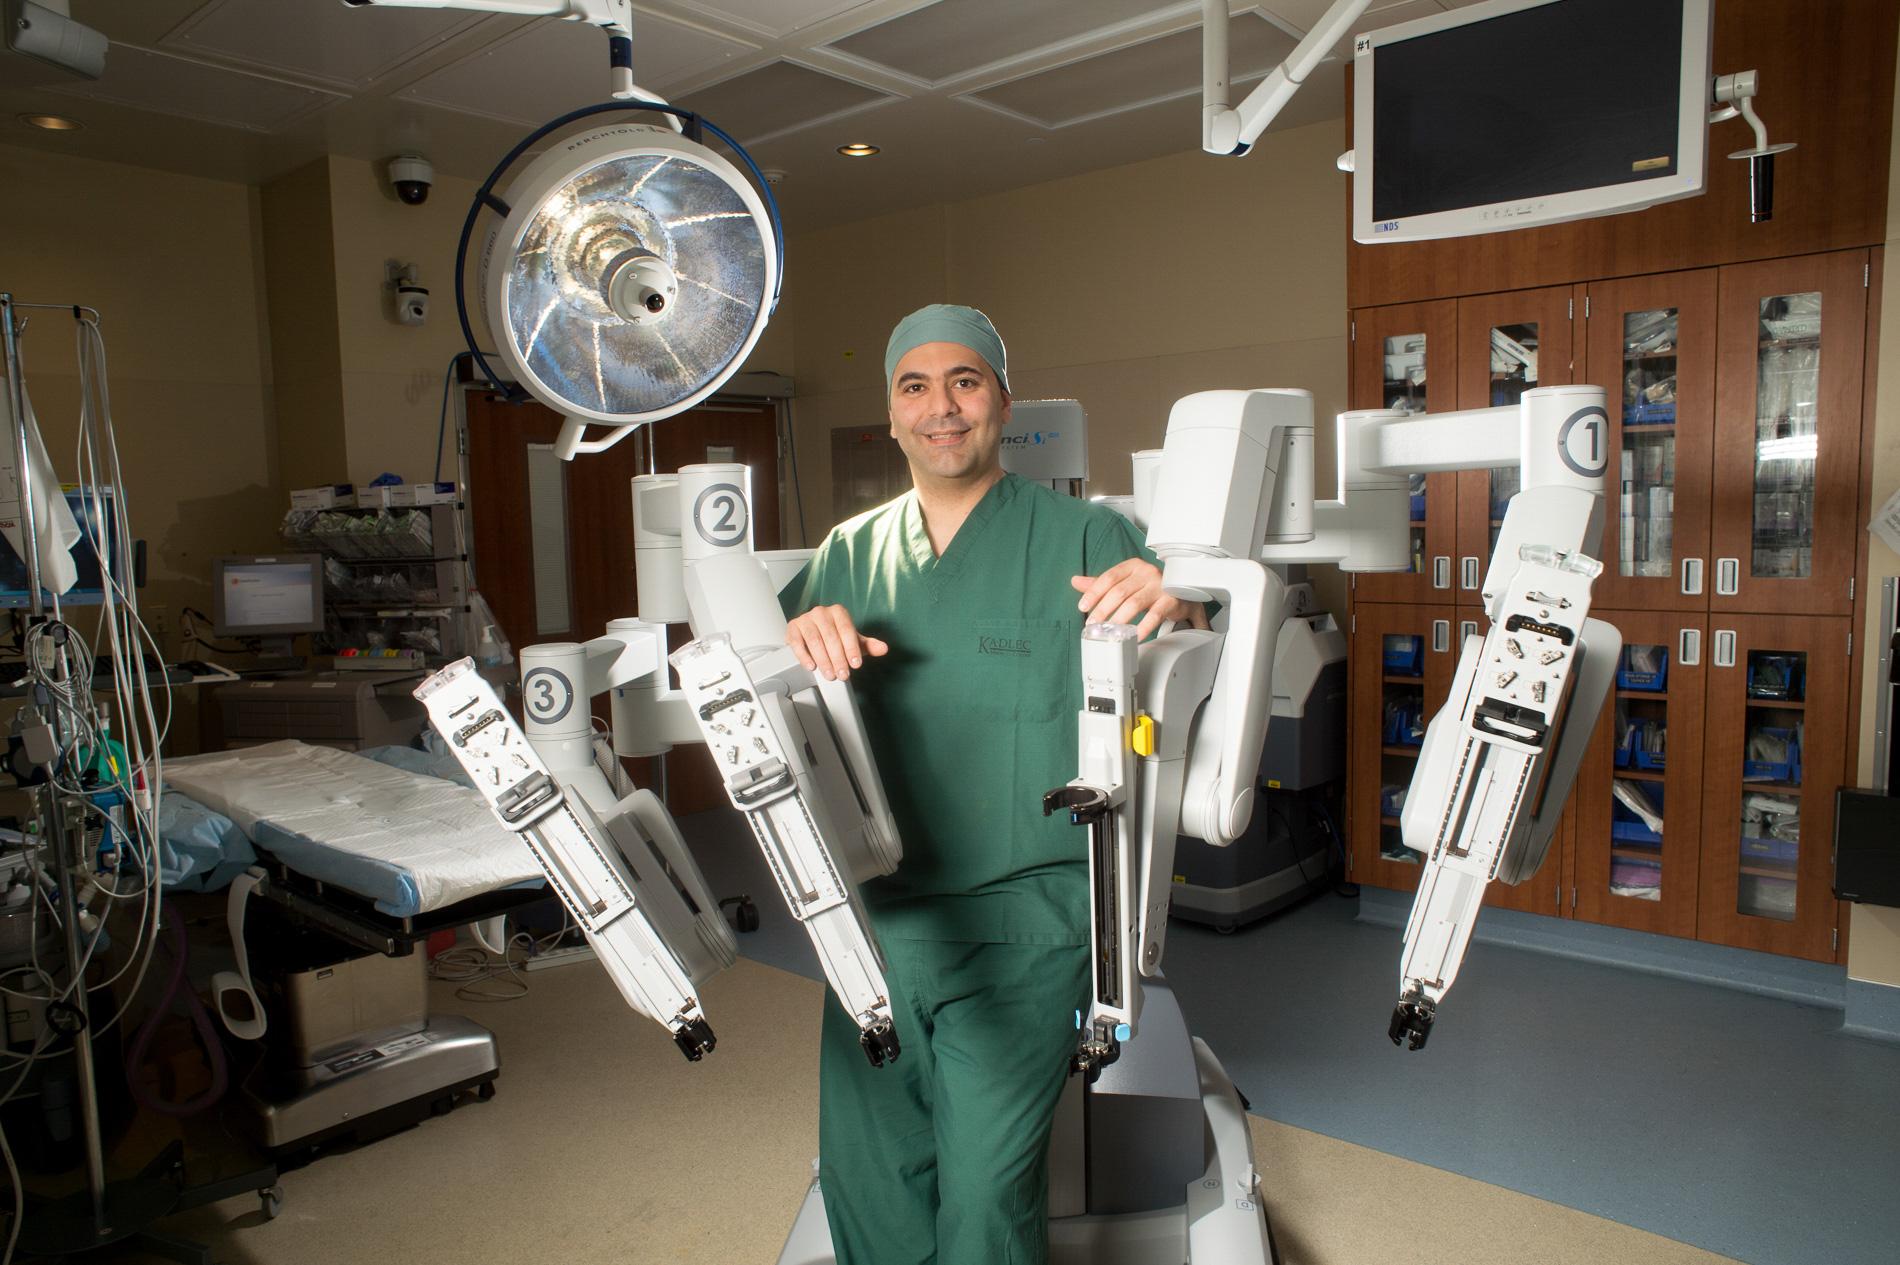 Doctor with DaVinci Robot